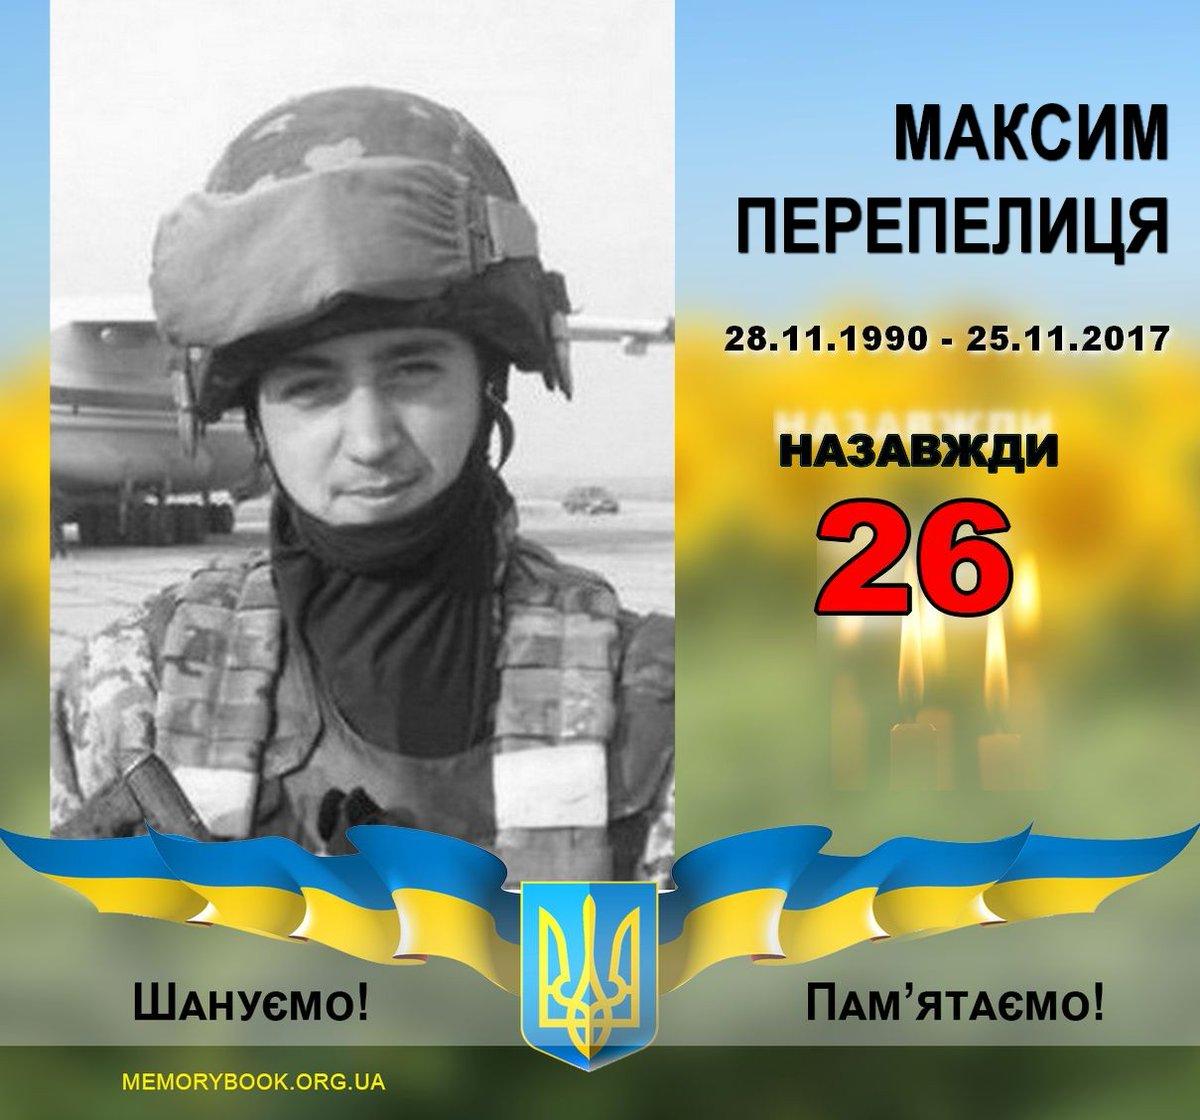 НАЗАВЖДИ 26… Максим ПЕРЕПЕЛИЦЯ  Народився в 1990 році у Житомирі. Захищав Україну в складі 95-ї ОАМБр, молодший сержант. Загинув 25 листопада 2017 р. під час бою, що точився біля смт. Верхньоторецьке на Донеччині. Похований в рідному місті. https://t.co/awckJdDnmy https://t.co/Aas4DGPNpo